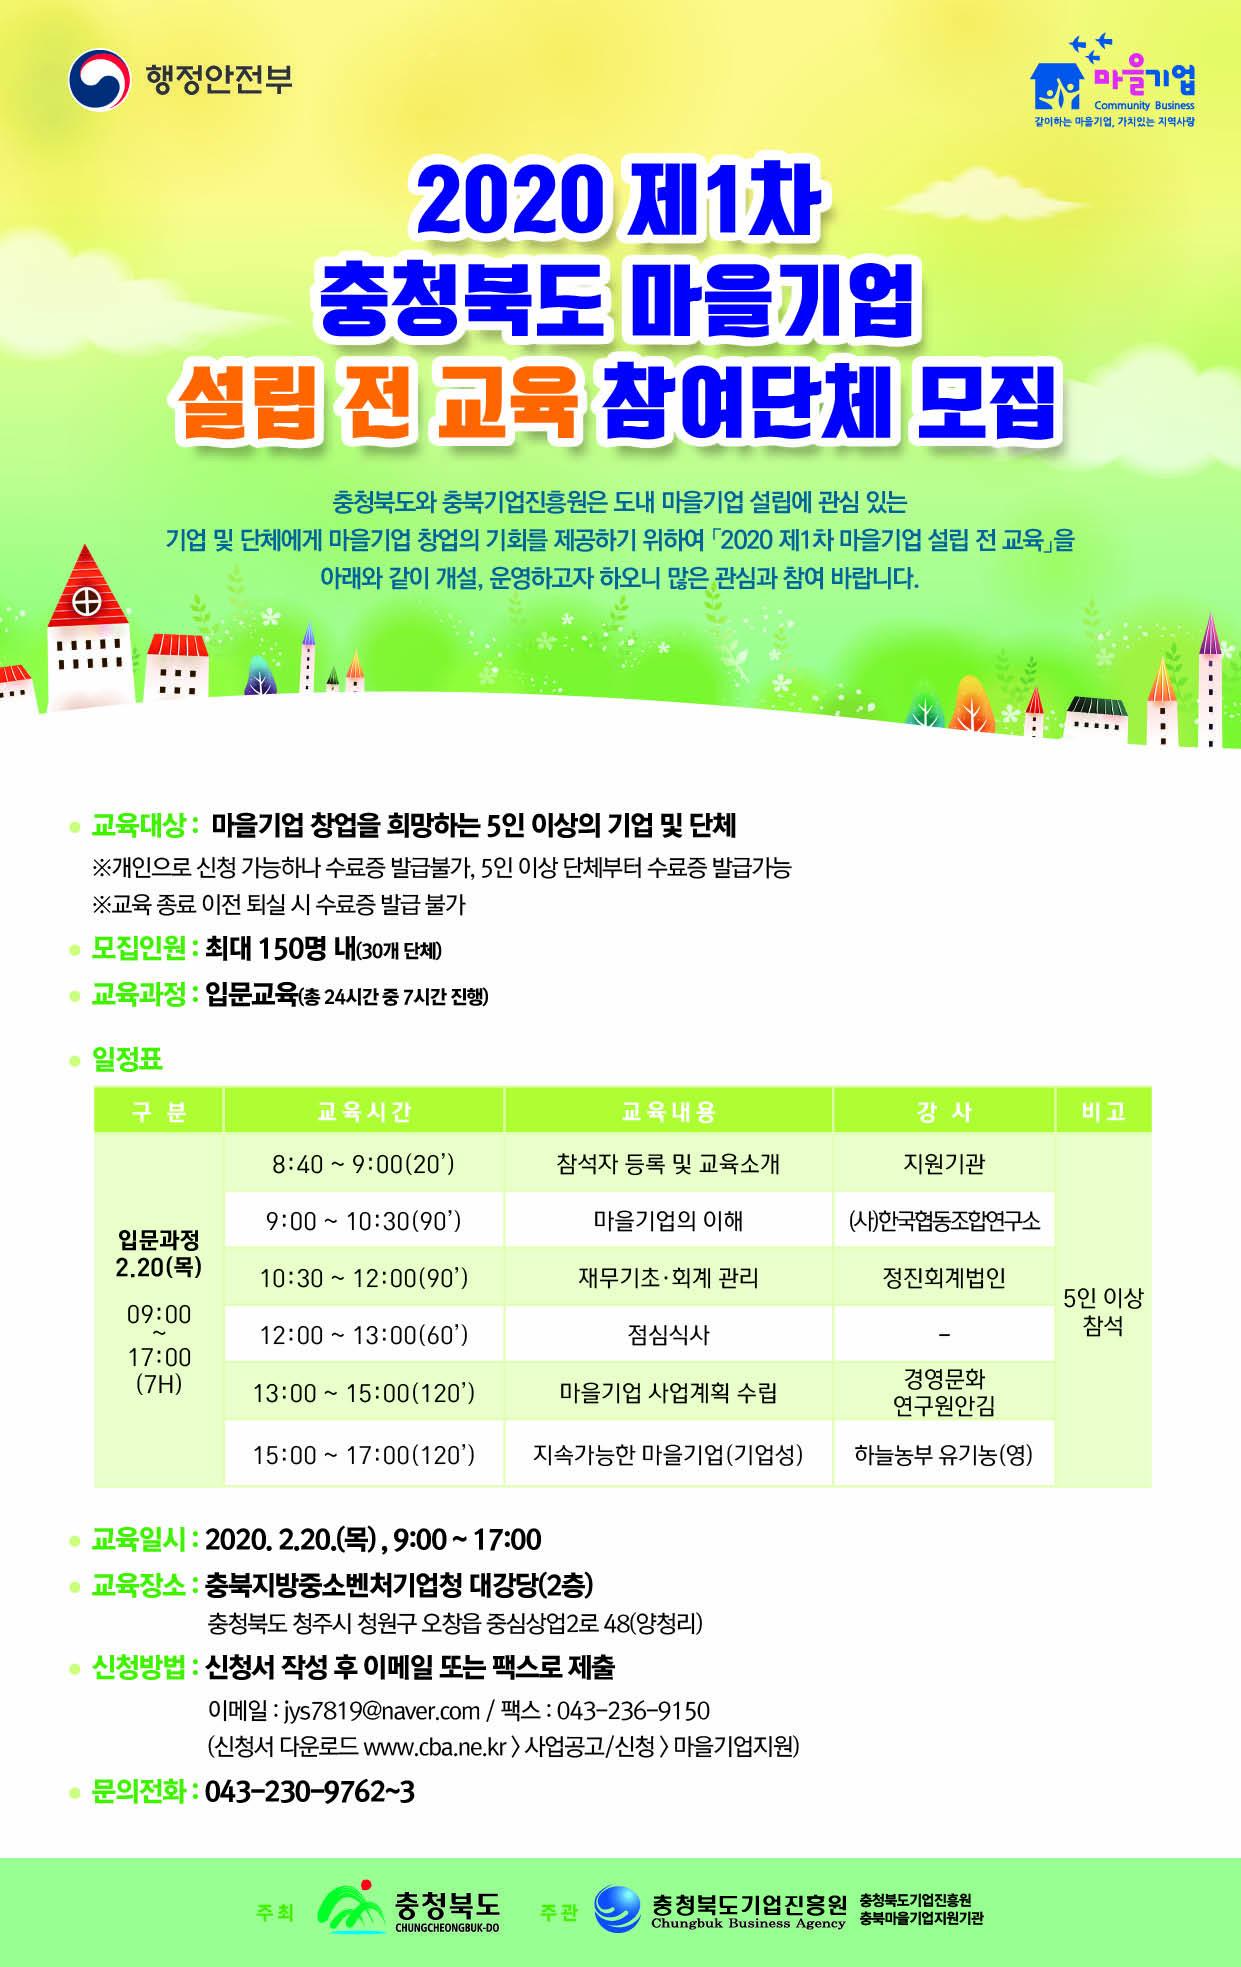 2020 제1차 충북 마을기업 설립 전 교육 참여단체 모집 안내 [이미지]